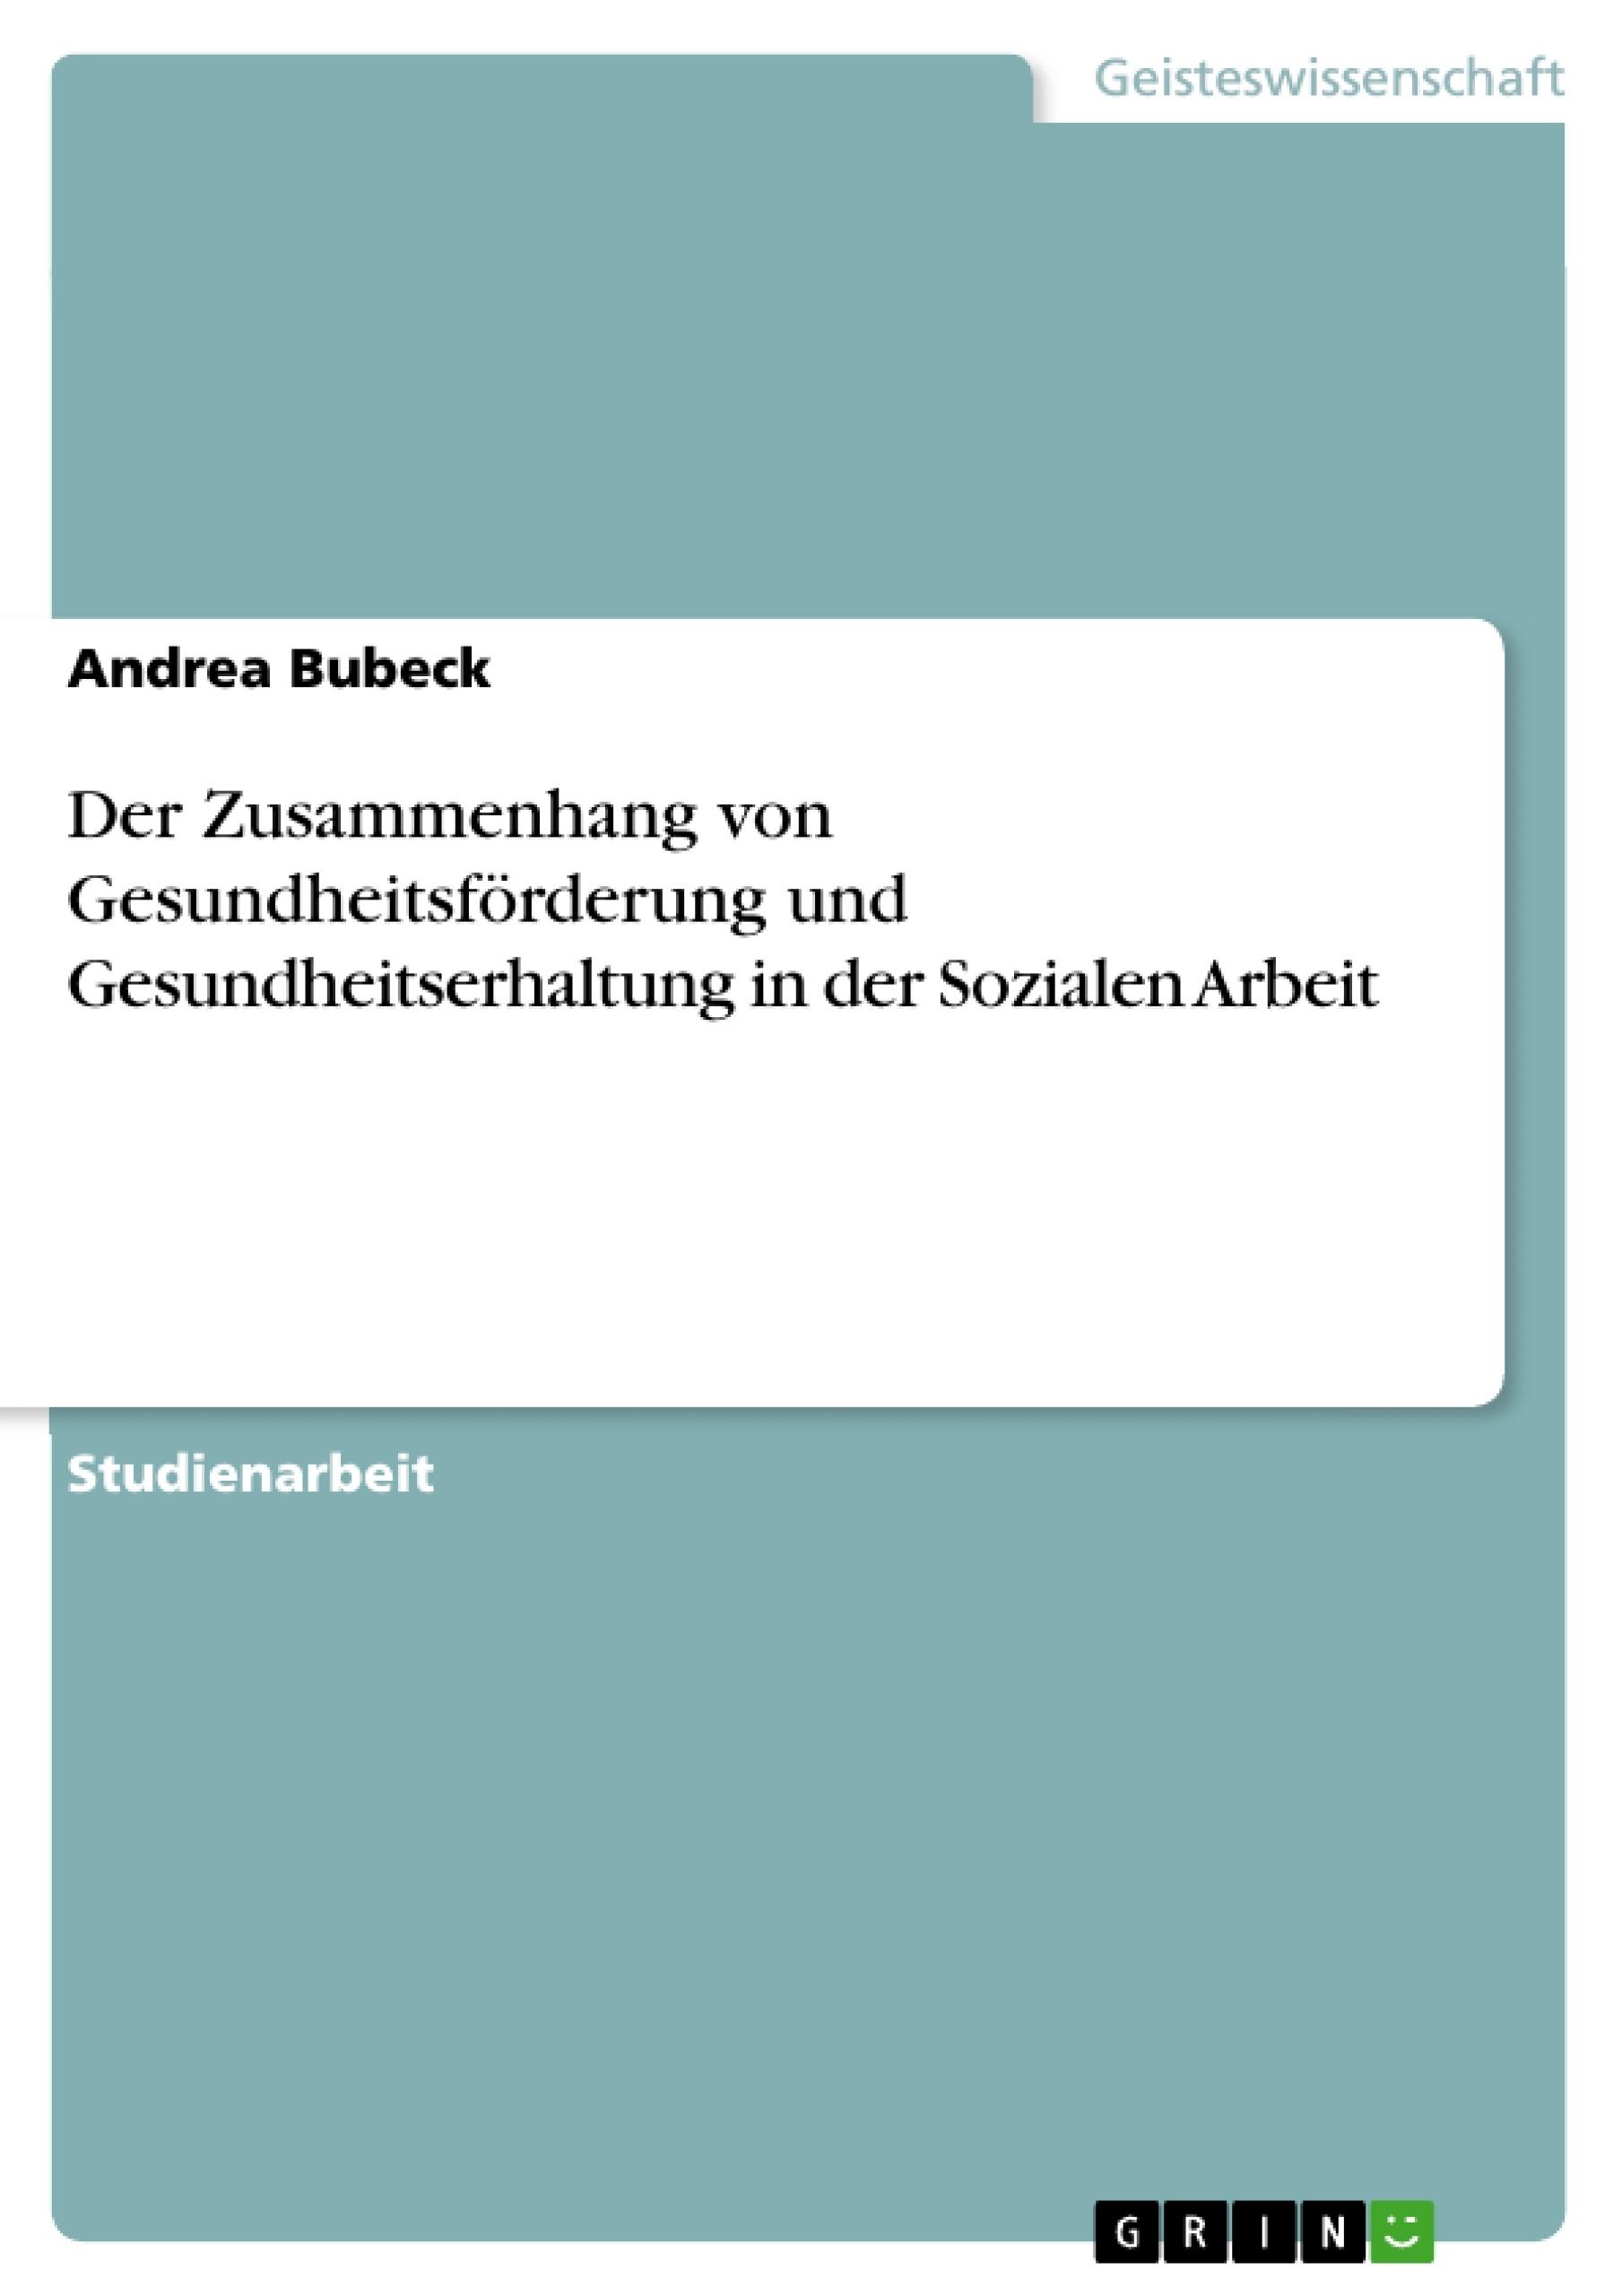 Titel: Der Zusammenhang von Gesundheitsförderung und Gesundheitserhaltung in der Sozialen Arbeit